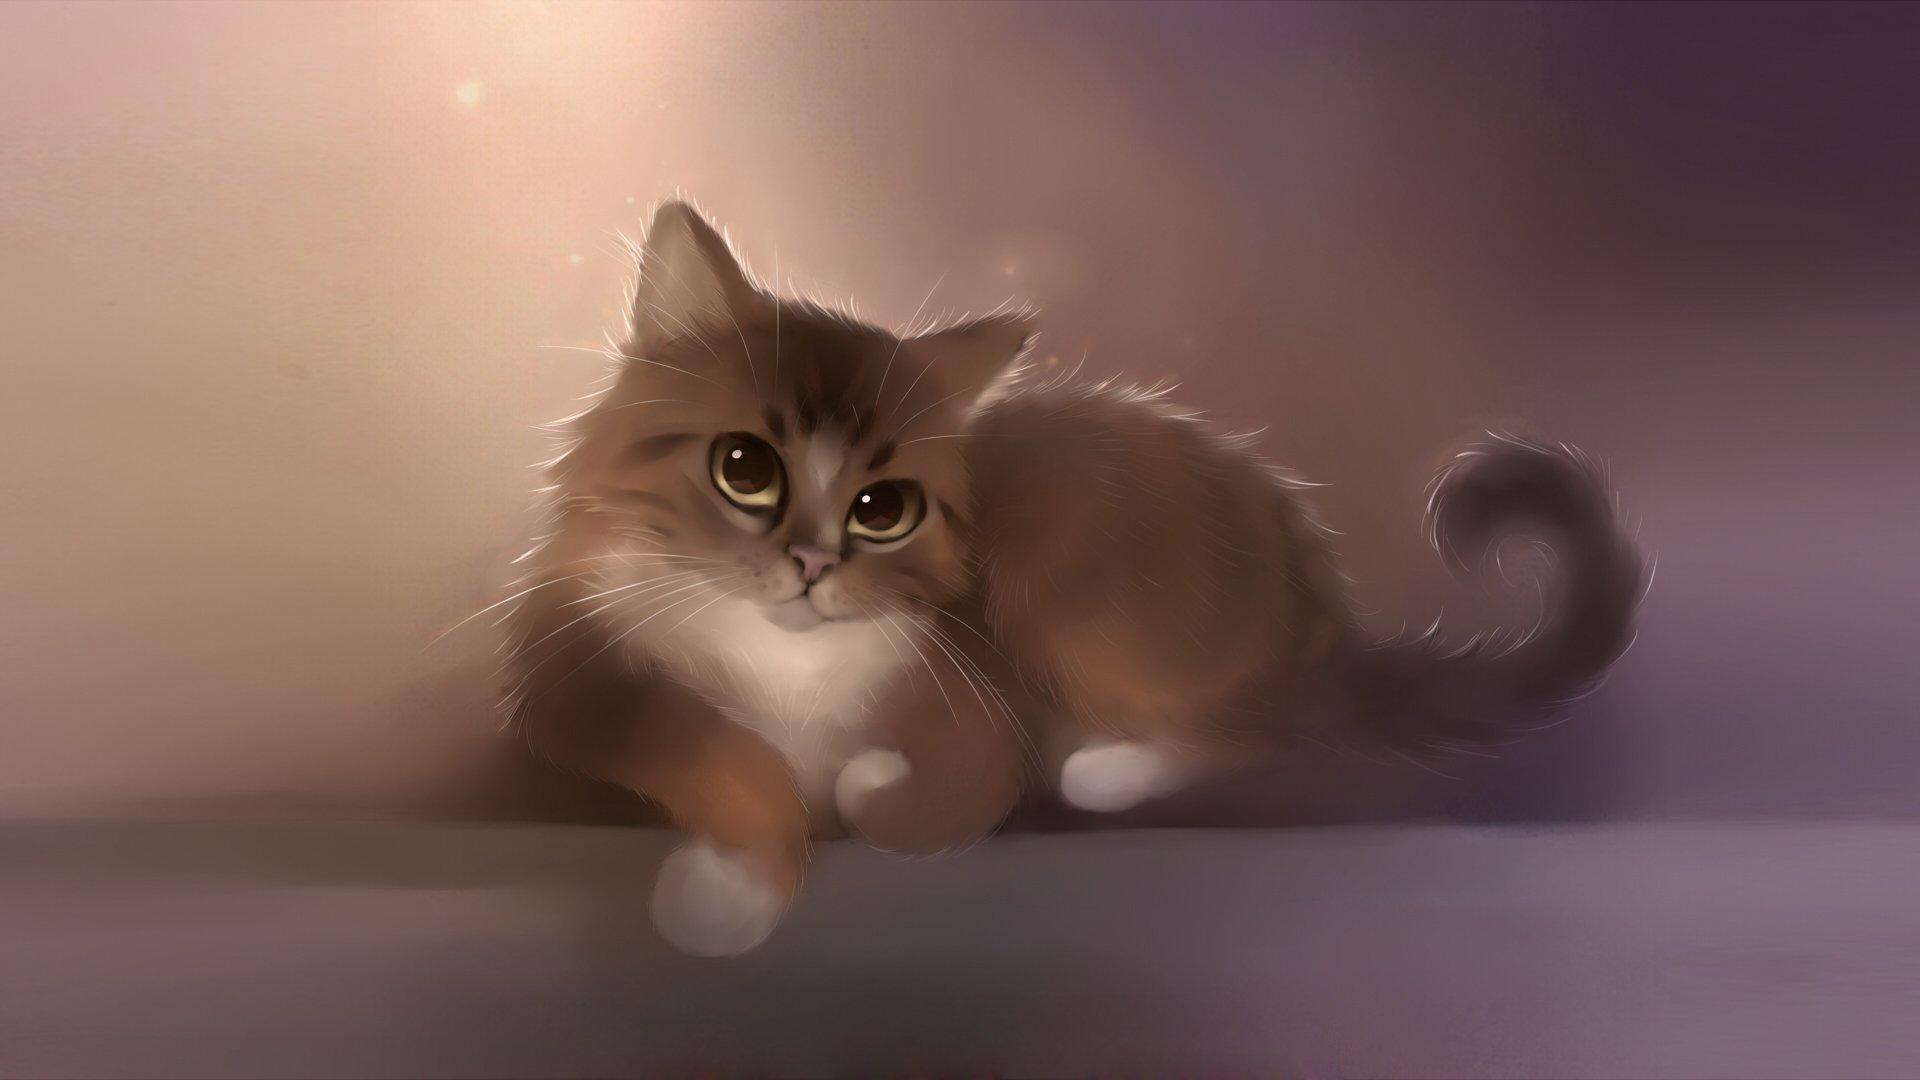 тортиком картинки на рабочий стол коты няшные появилась возможность